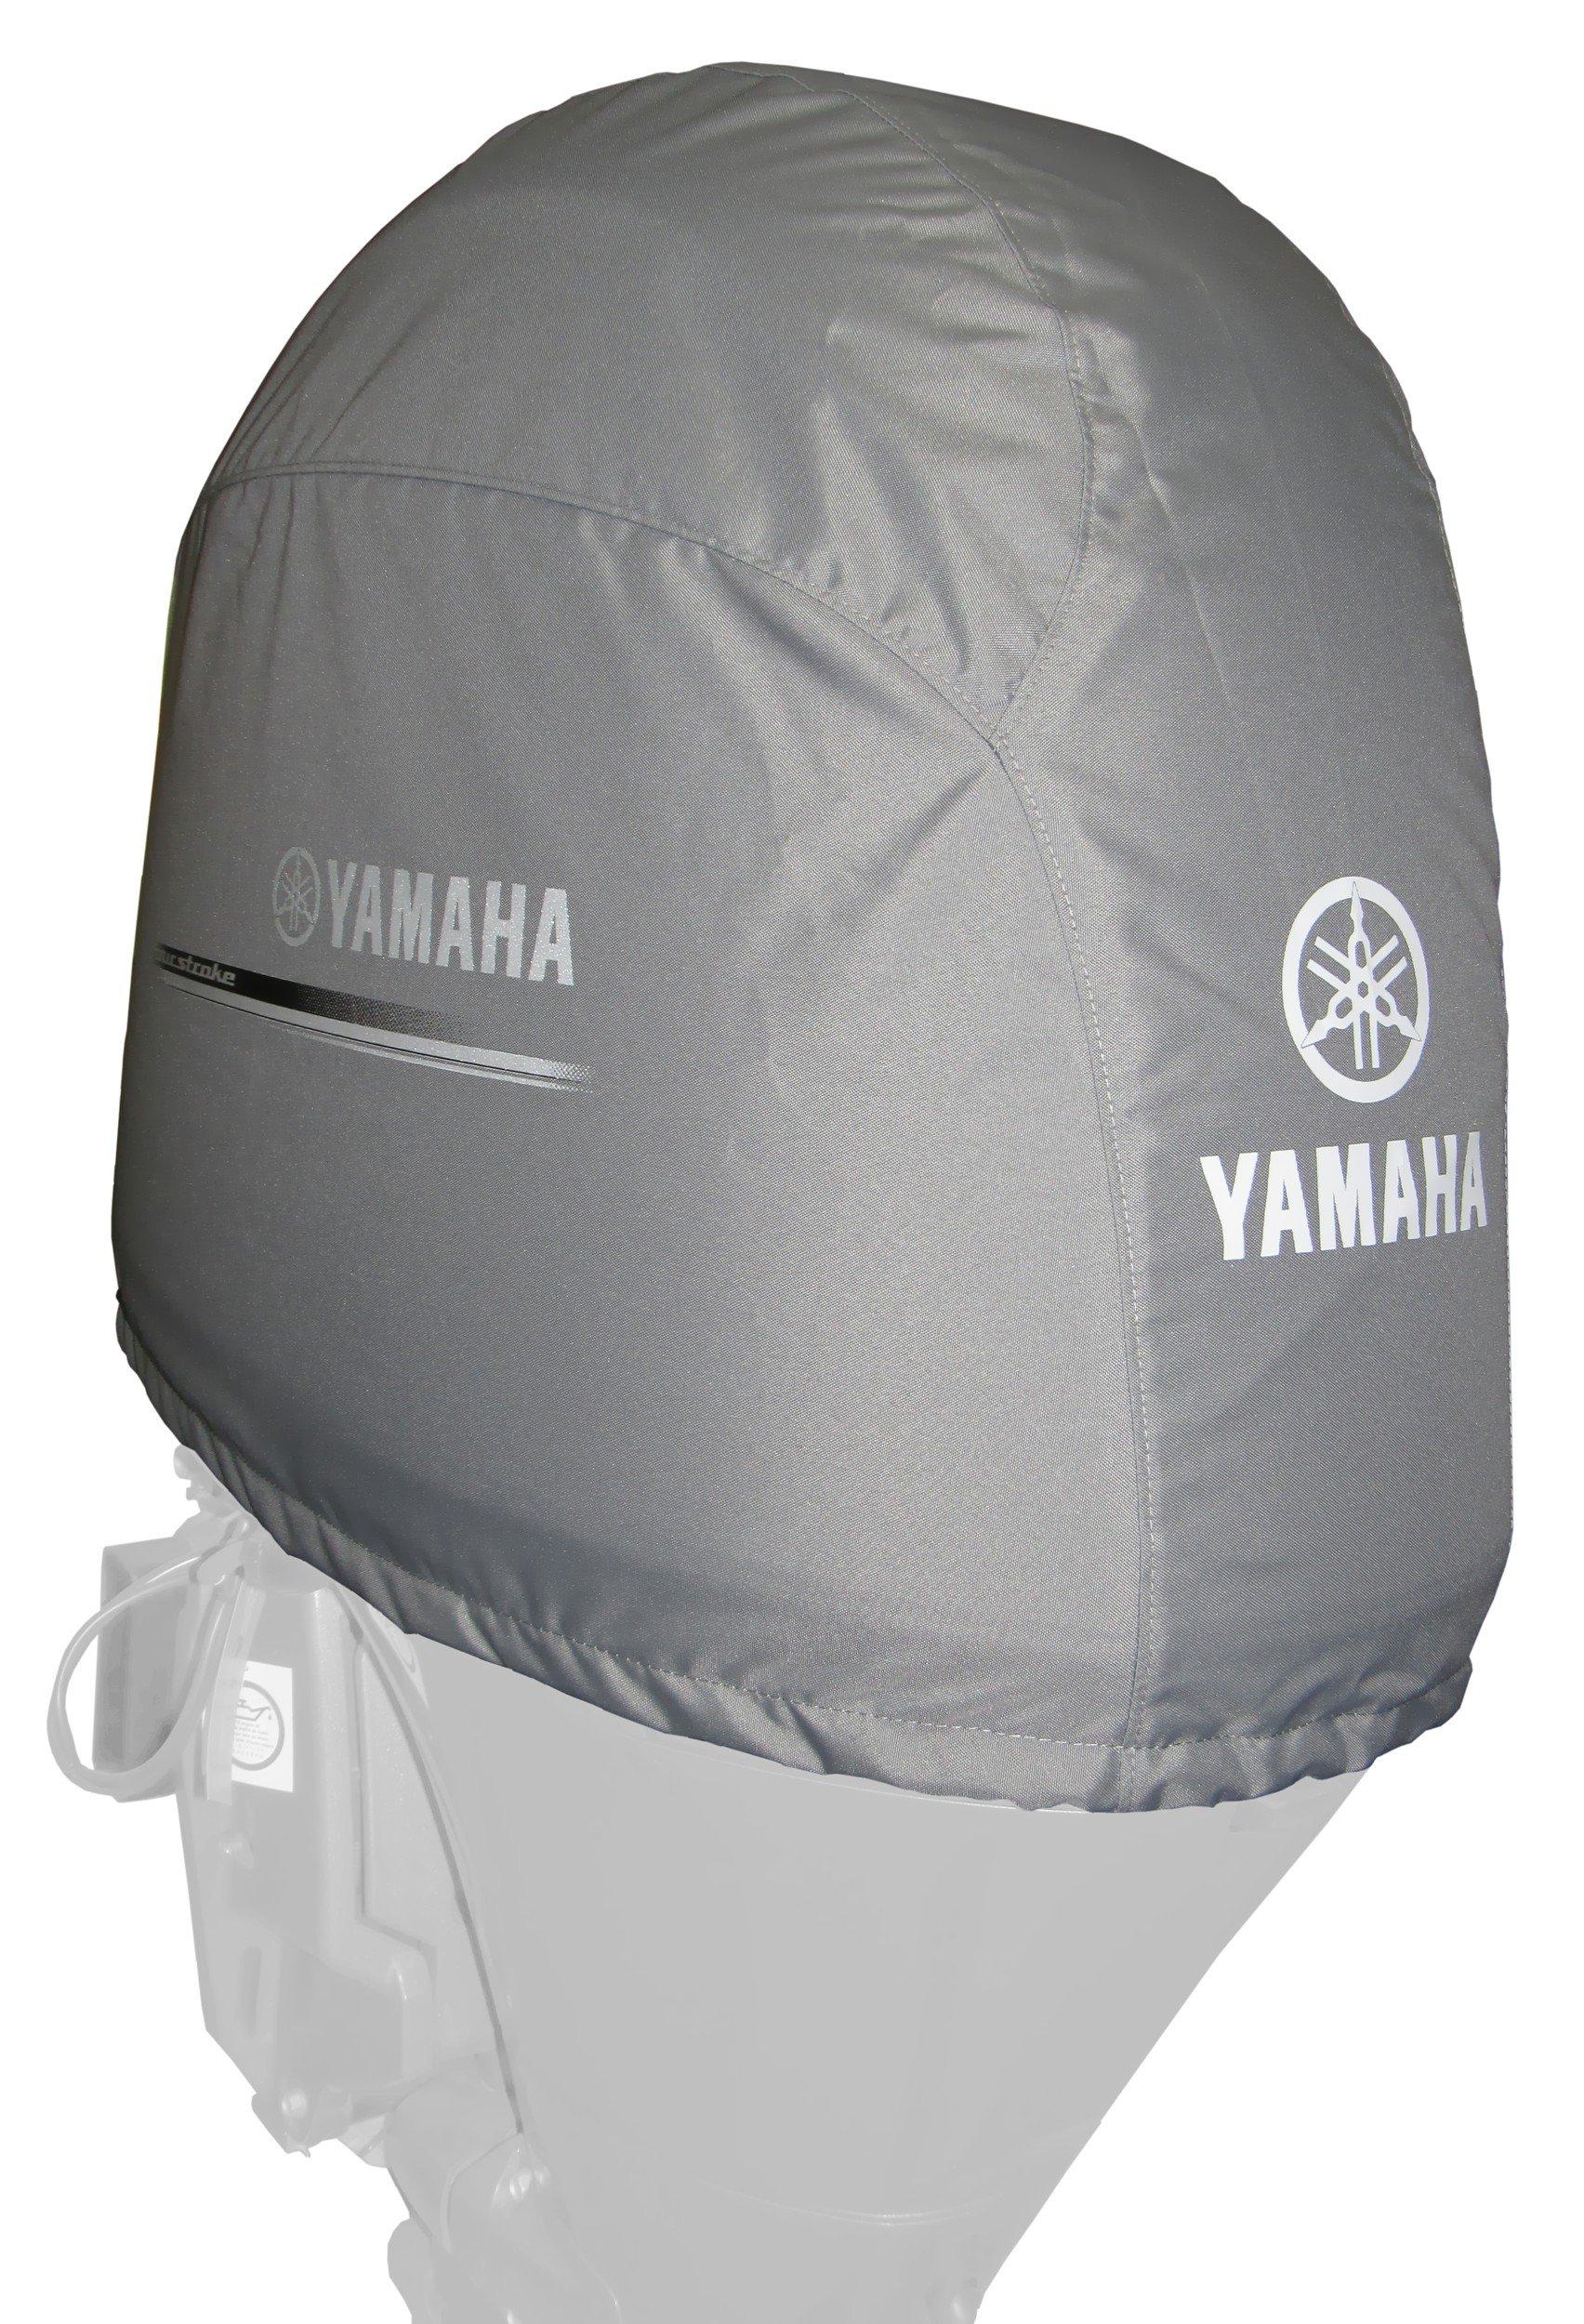 OEM Yamaha F200 F175 B-Model F150 2.8L 4-Cylinder Outboard Cover MAR-MTRCV-F2-01 by Yamaha